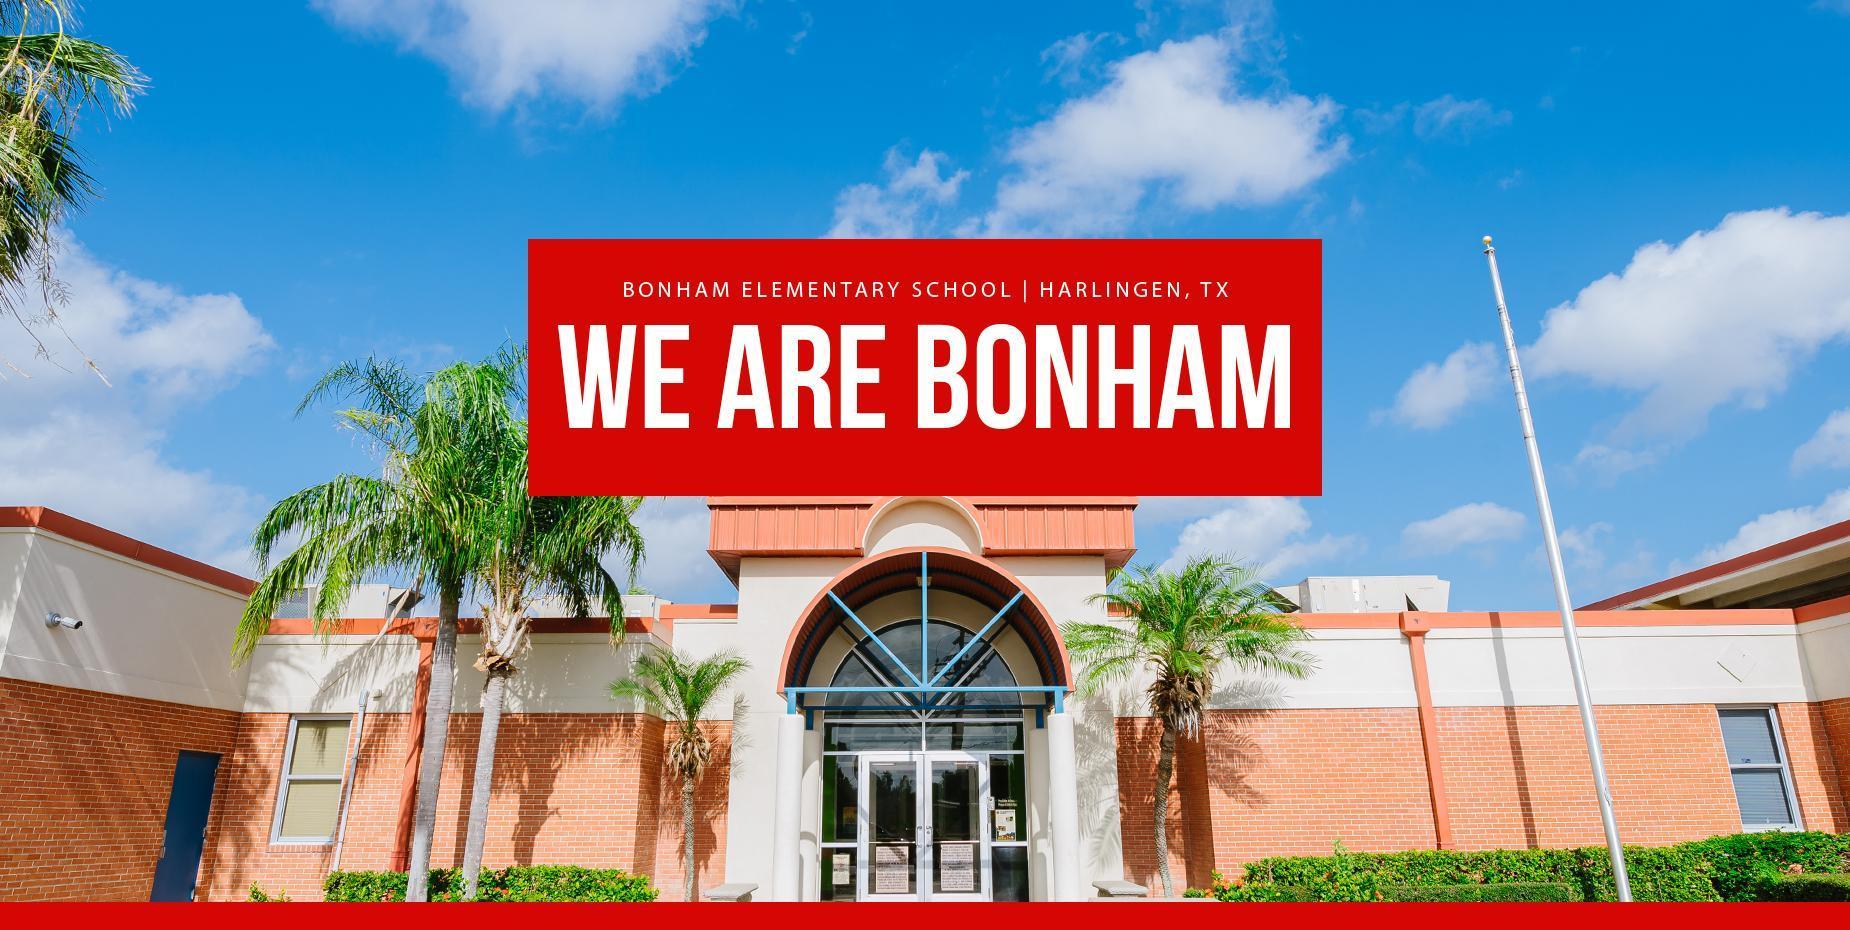 We Are Bonham